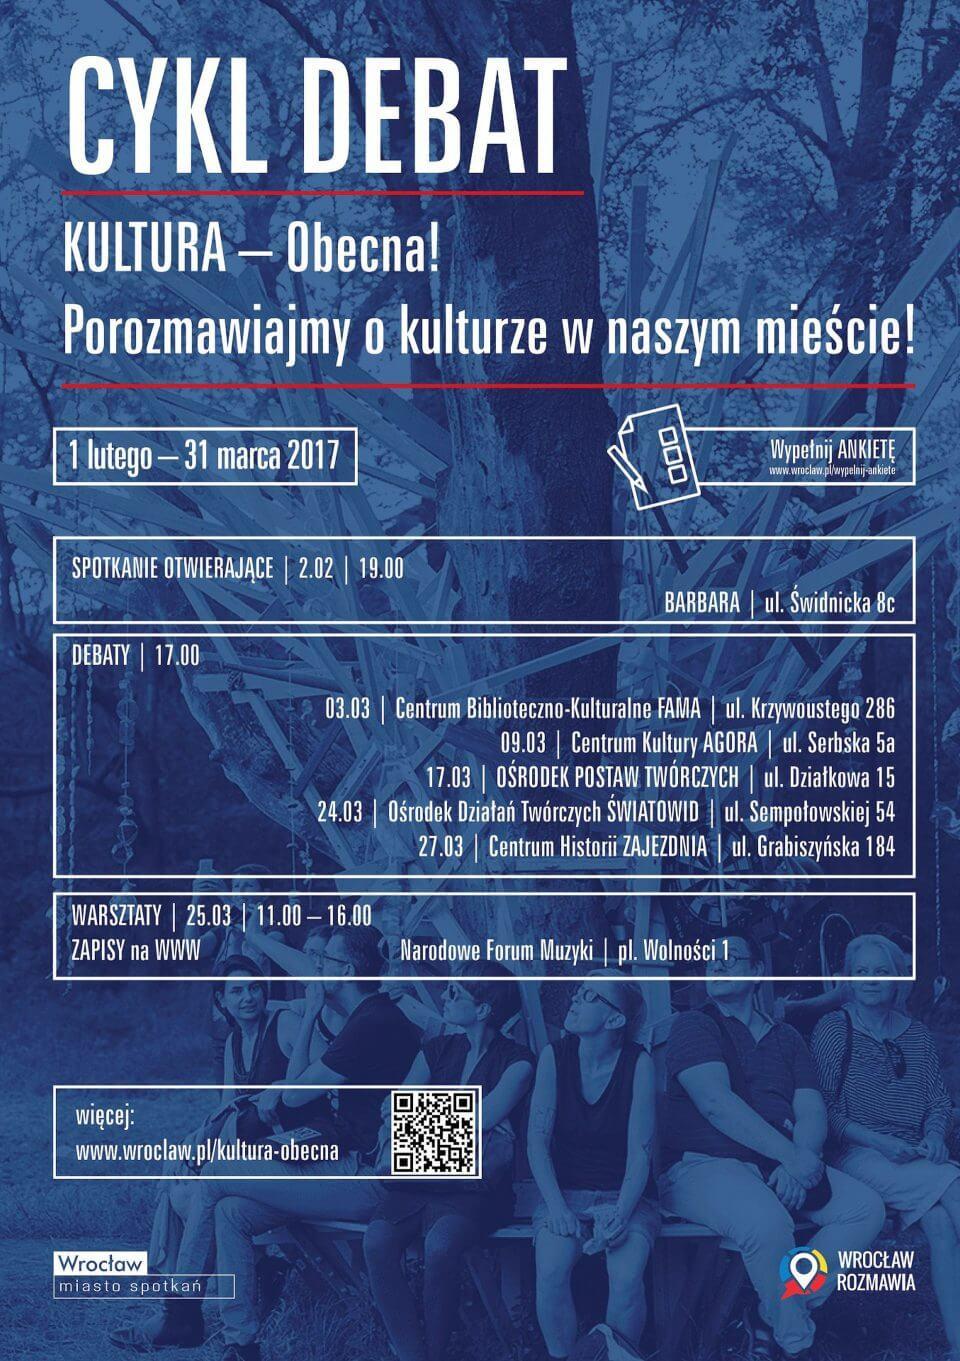 Podtrzymanie prestiżu wrocławskiej kultury - Debata wOPT (17.03.2017)